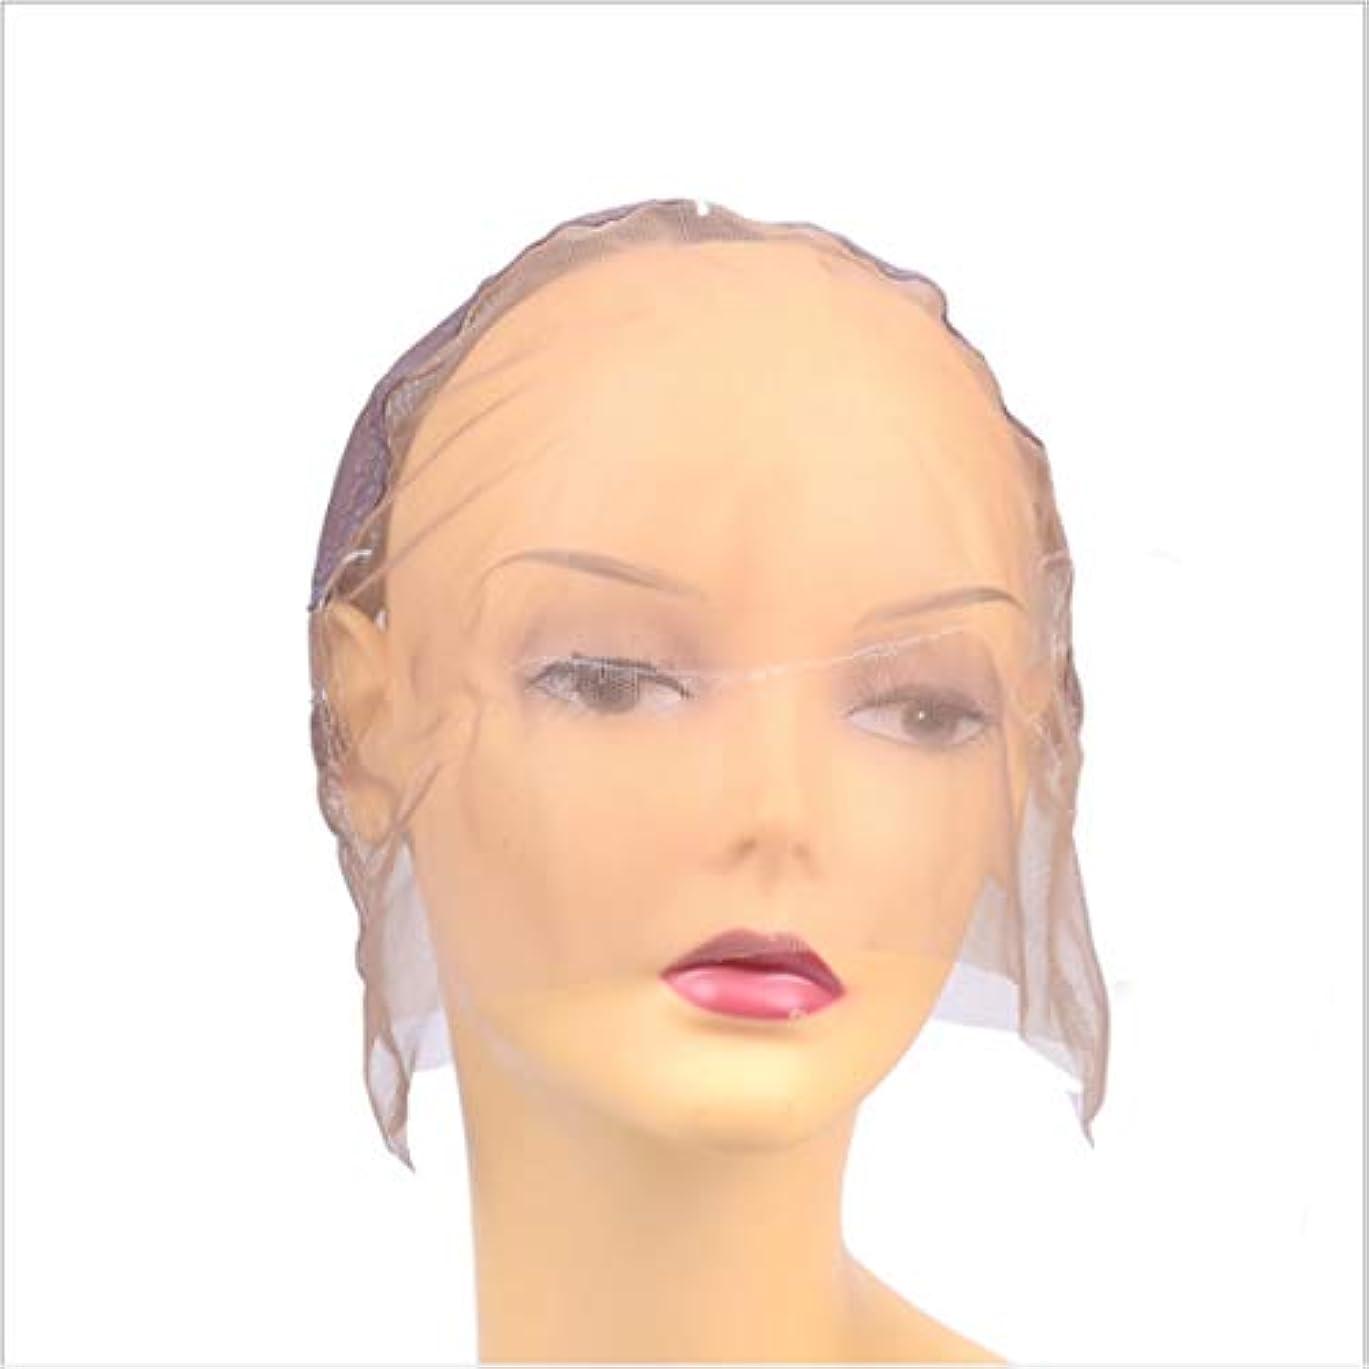 感染する一般的な太いかつらを作る女性のためのアクセサリーピュアハンドウーブンメッシュキャップフルハンドフックネットウィッグキャップ ヘアケア (Design : A)